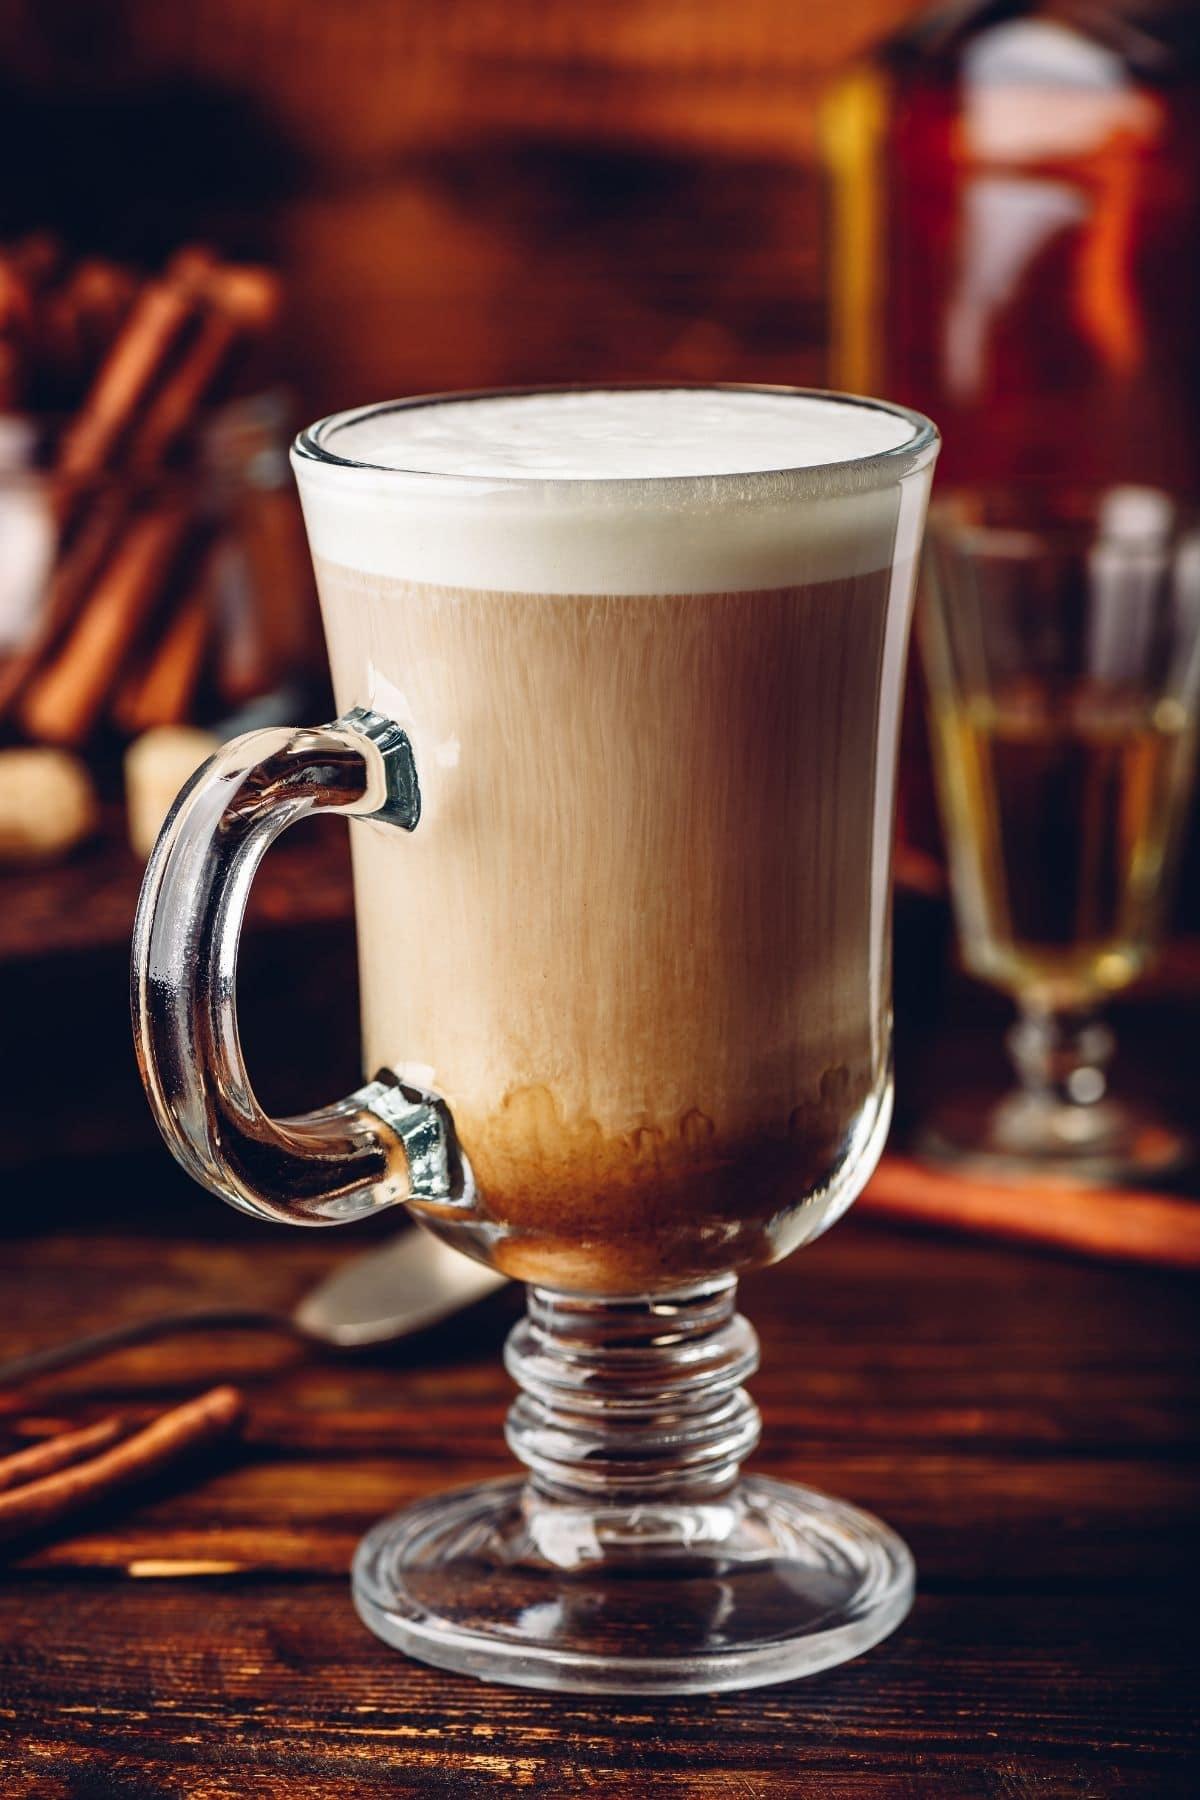 irish coffee in glass mug